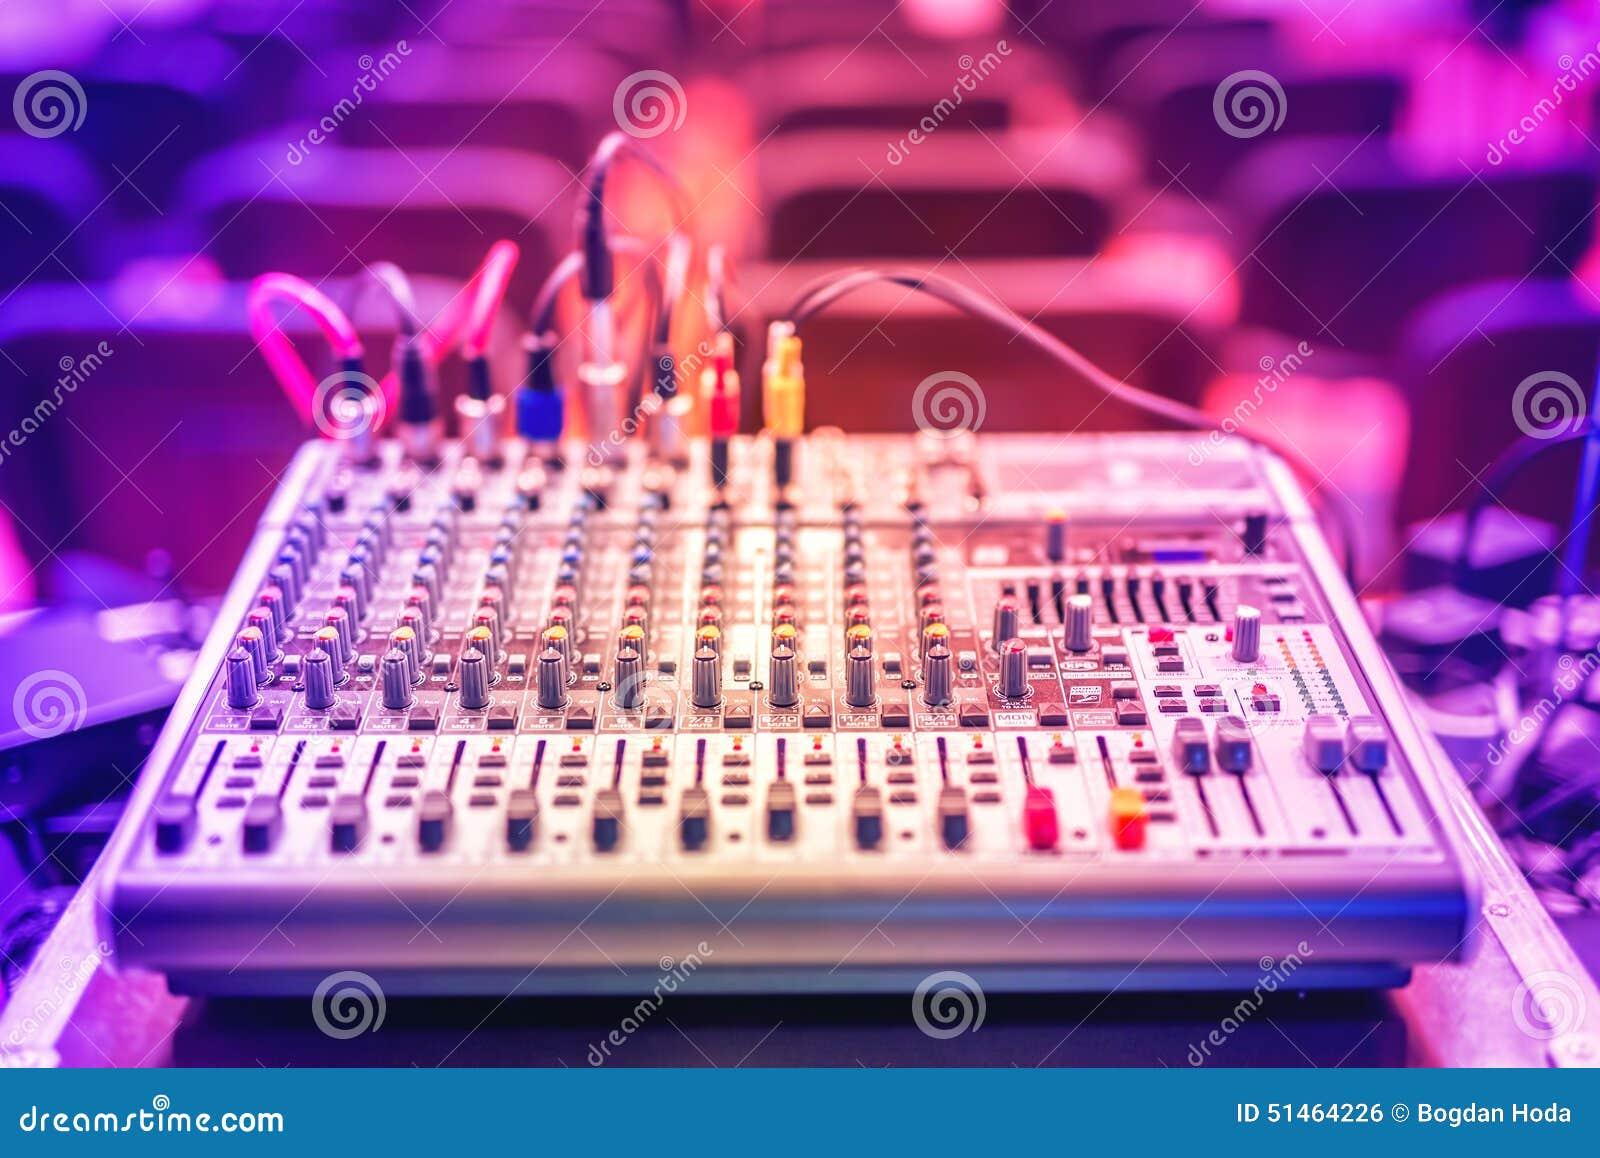 Audiomusikmischer und Tonentzerrer, DJ-Ausrüstung und Nachtklubzubehör an der Partei in der modernen Stadt